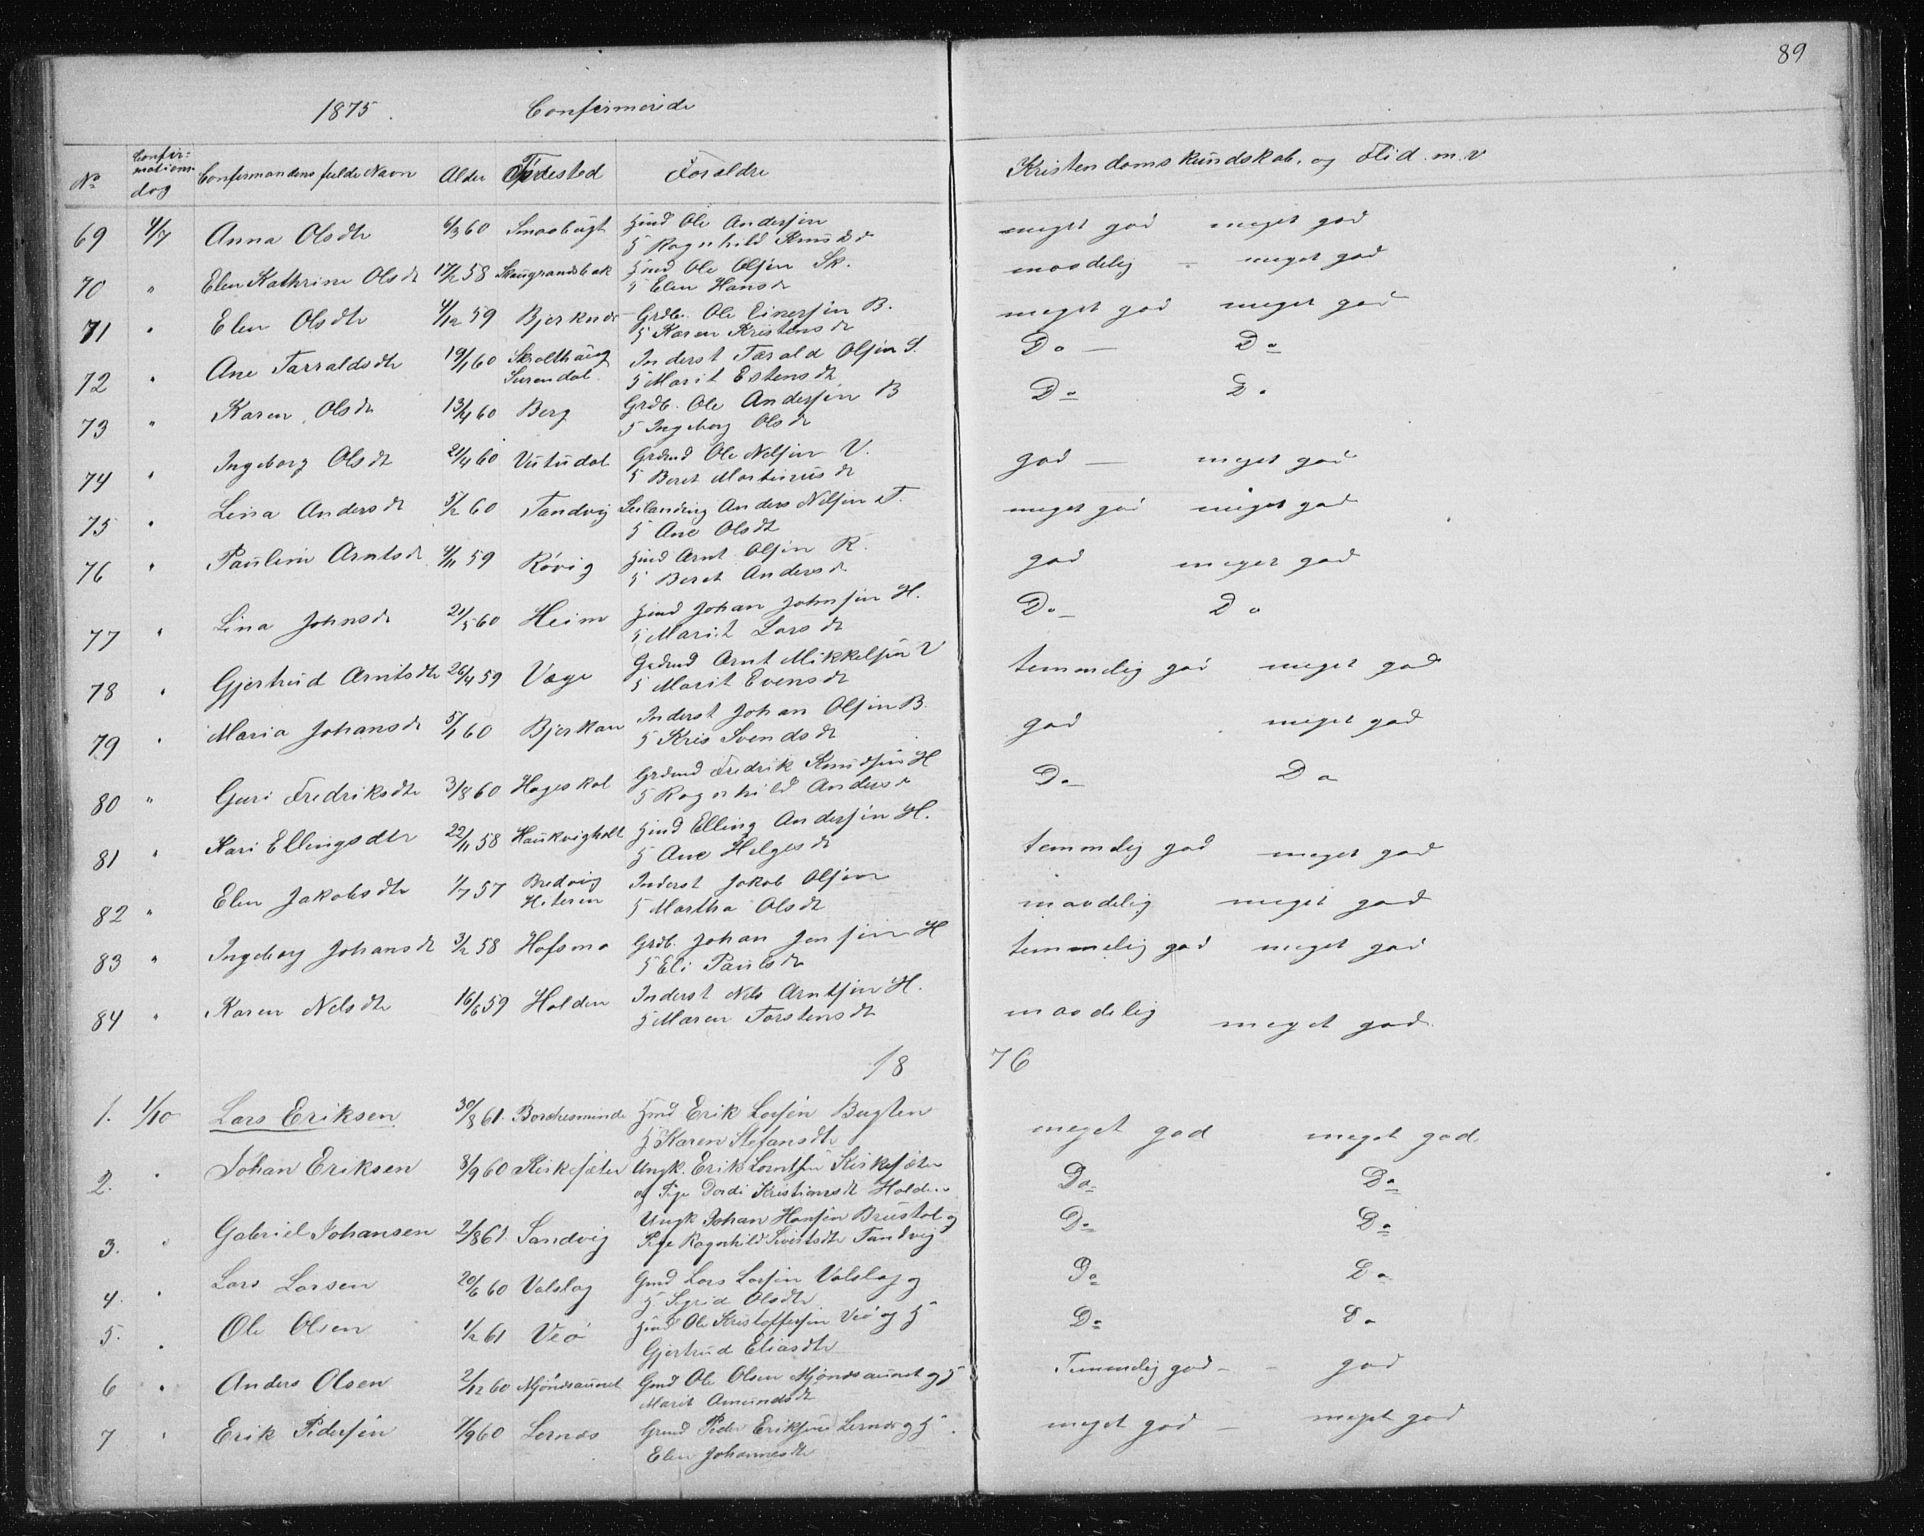 SAT, Ministerialprotokoller, klokkerbøker og fødselsregistre - Sør-Trøndelag, 630/L0503: Klokkerbok nr. 630C01, 1869-1878, s. 89